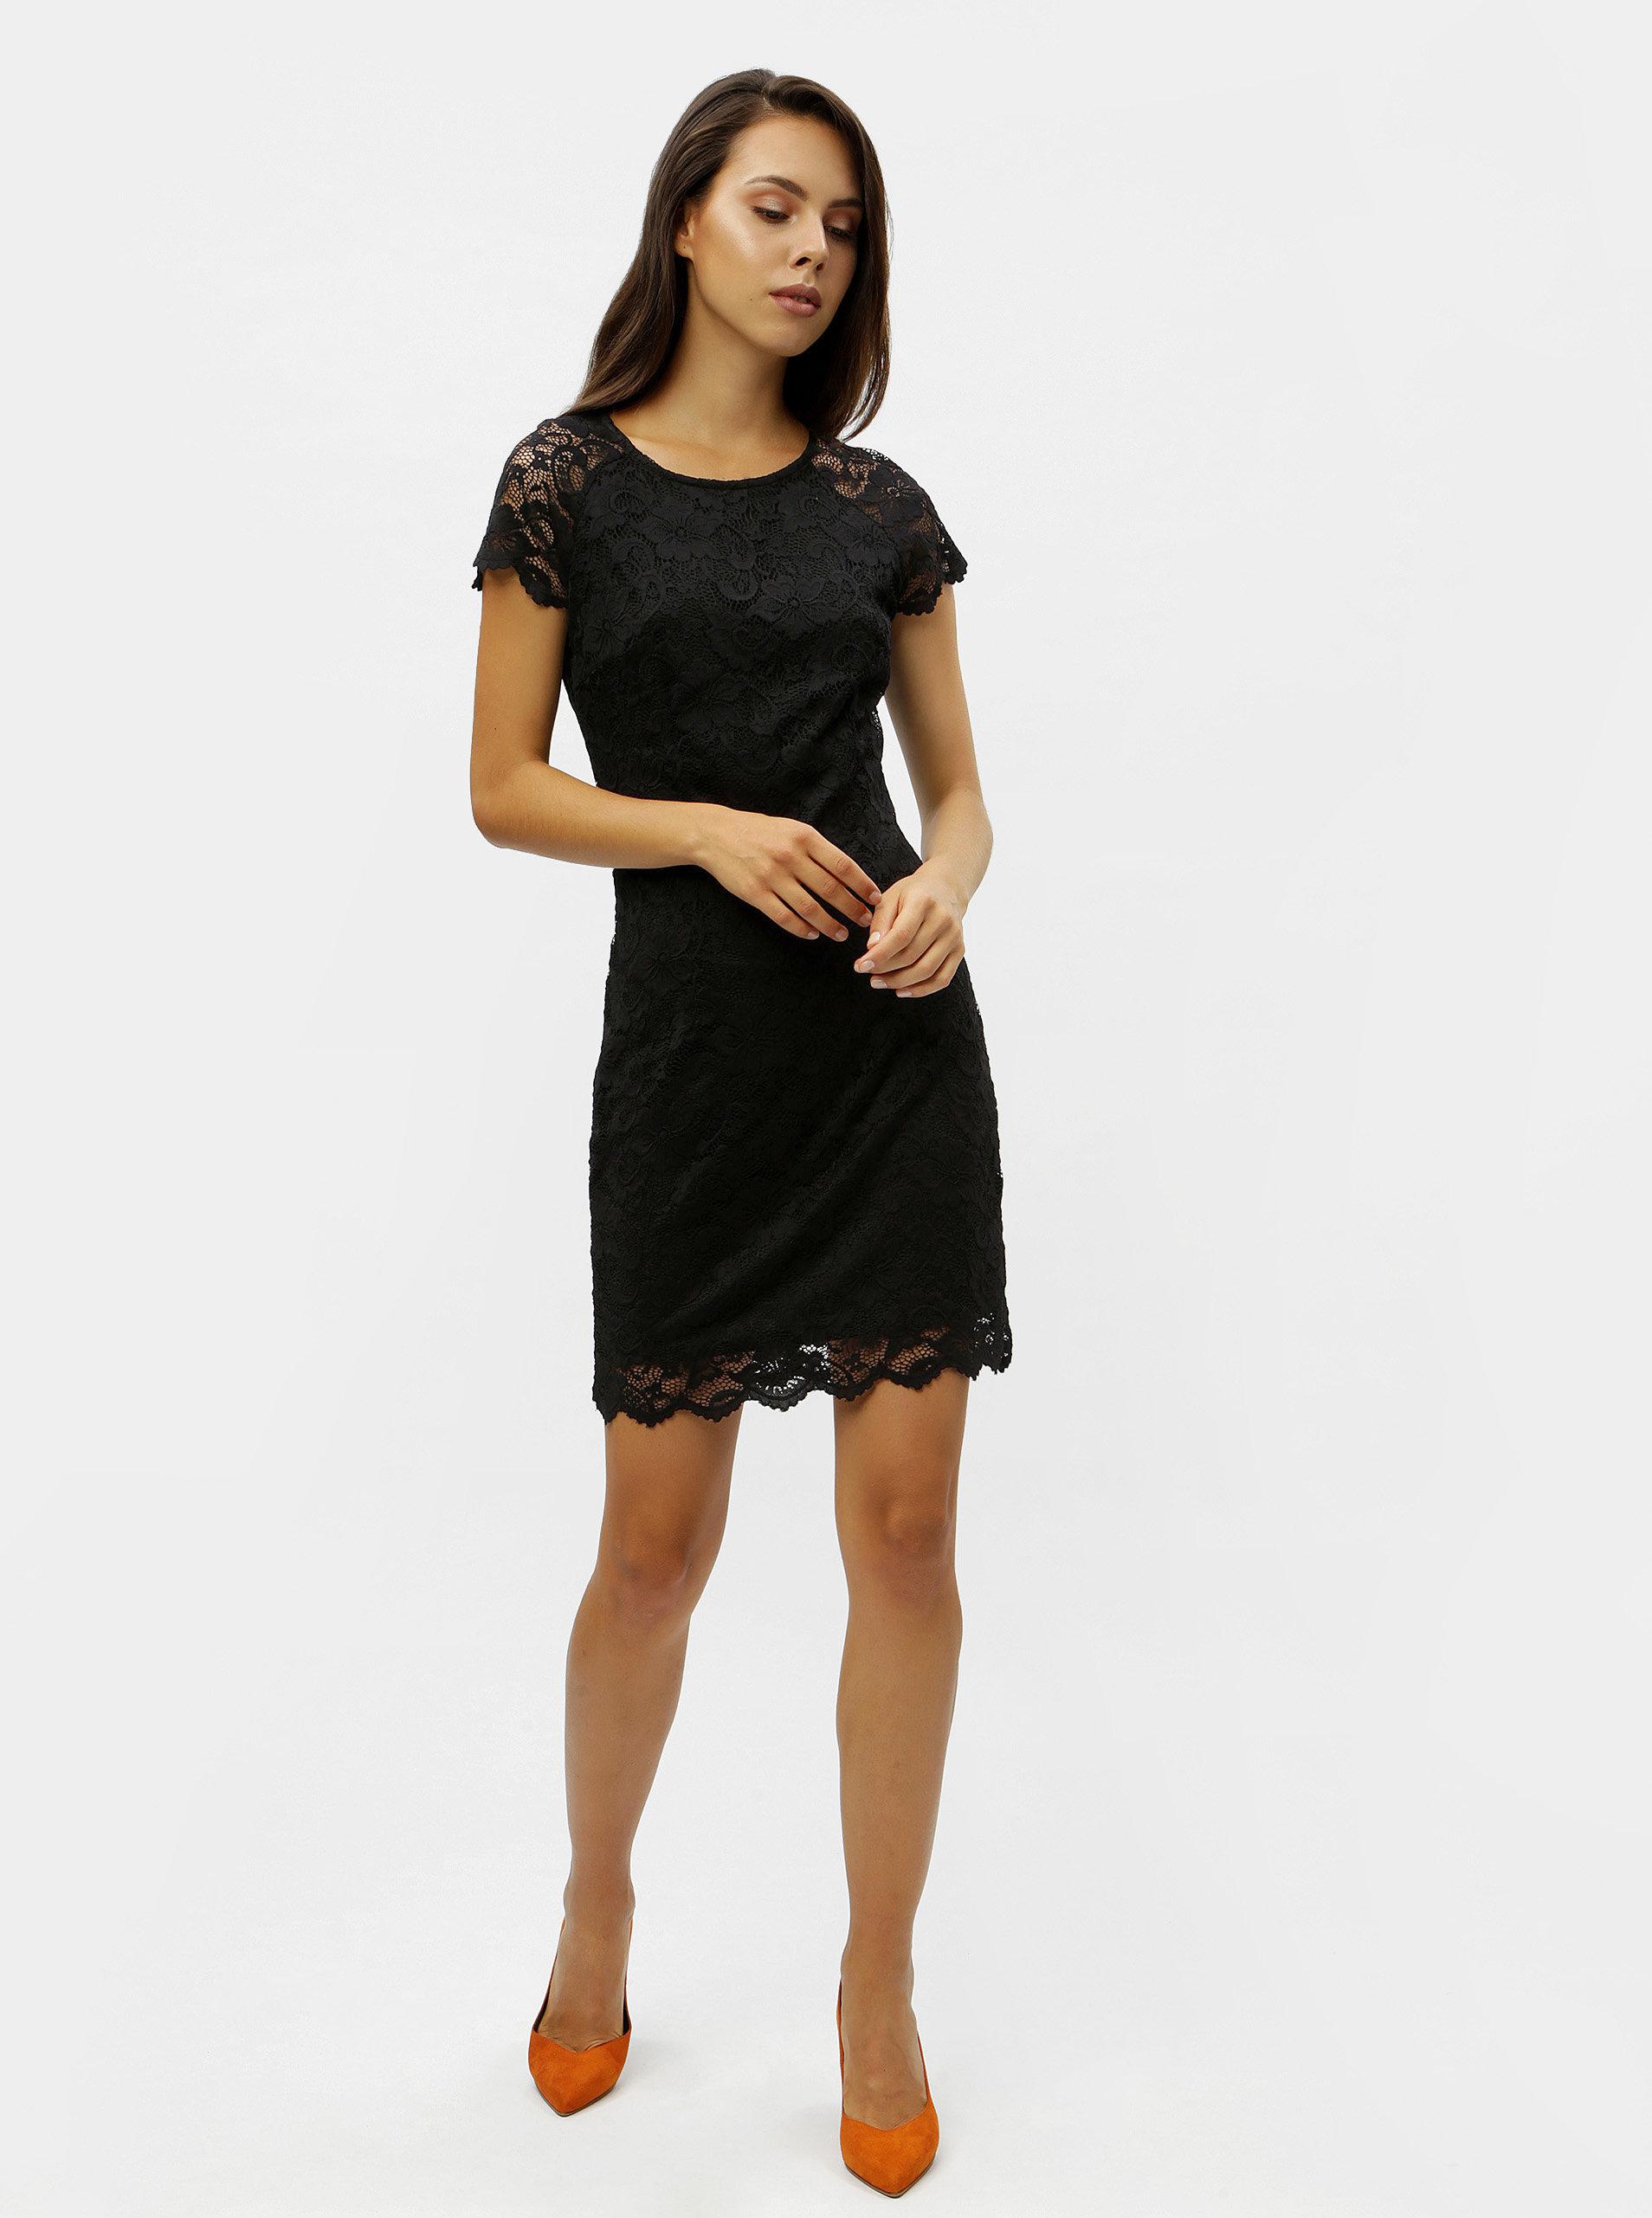 Černé krajkové šaty s krátkým rukávem VERO MODA Milli ... 20212e97c5